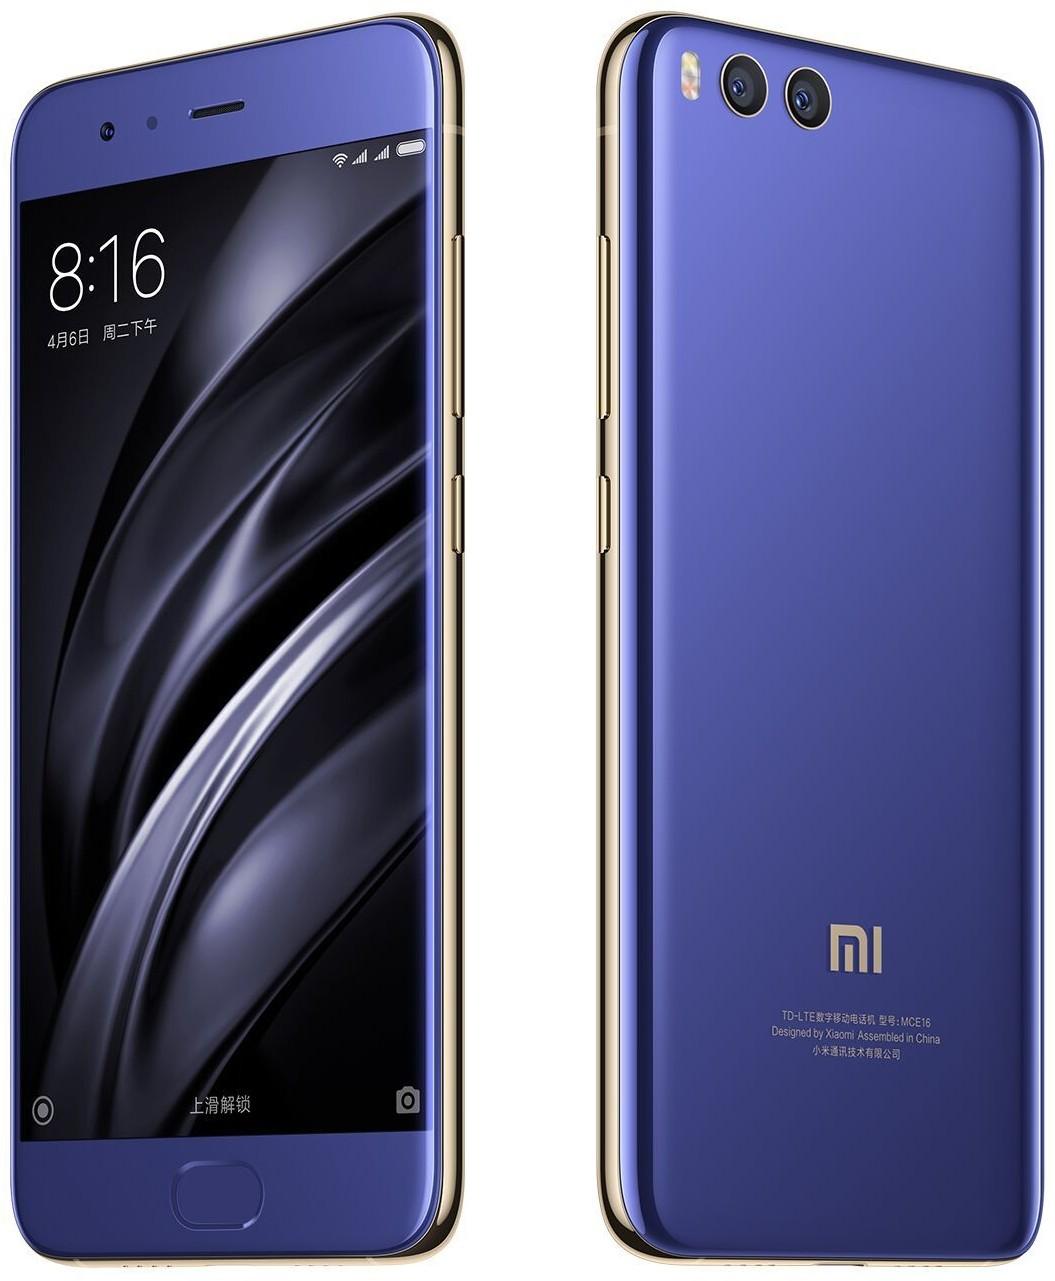 Xiaomi mi 6 128gb ceramic specs and price phonegg xiaomi mi 6 128gb ceramic photo stopboris Image collections